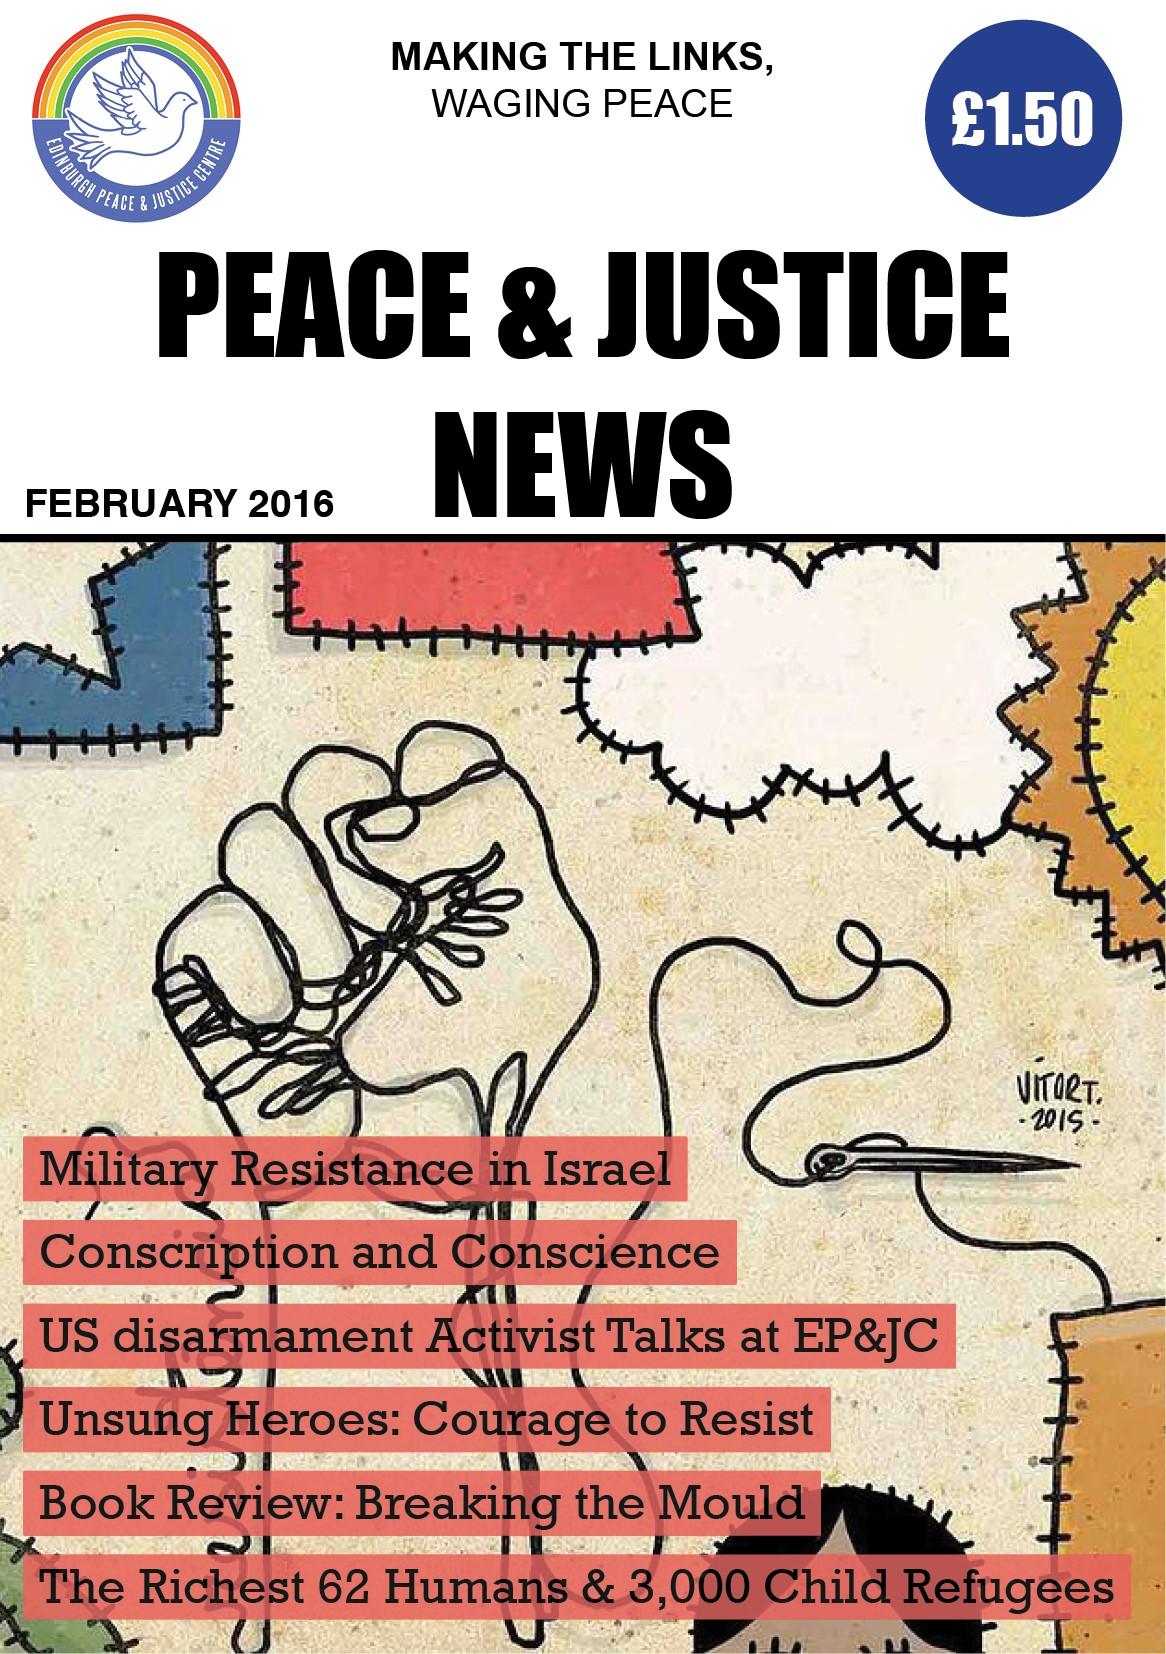 Newsletter January 16